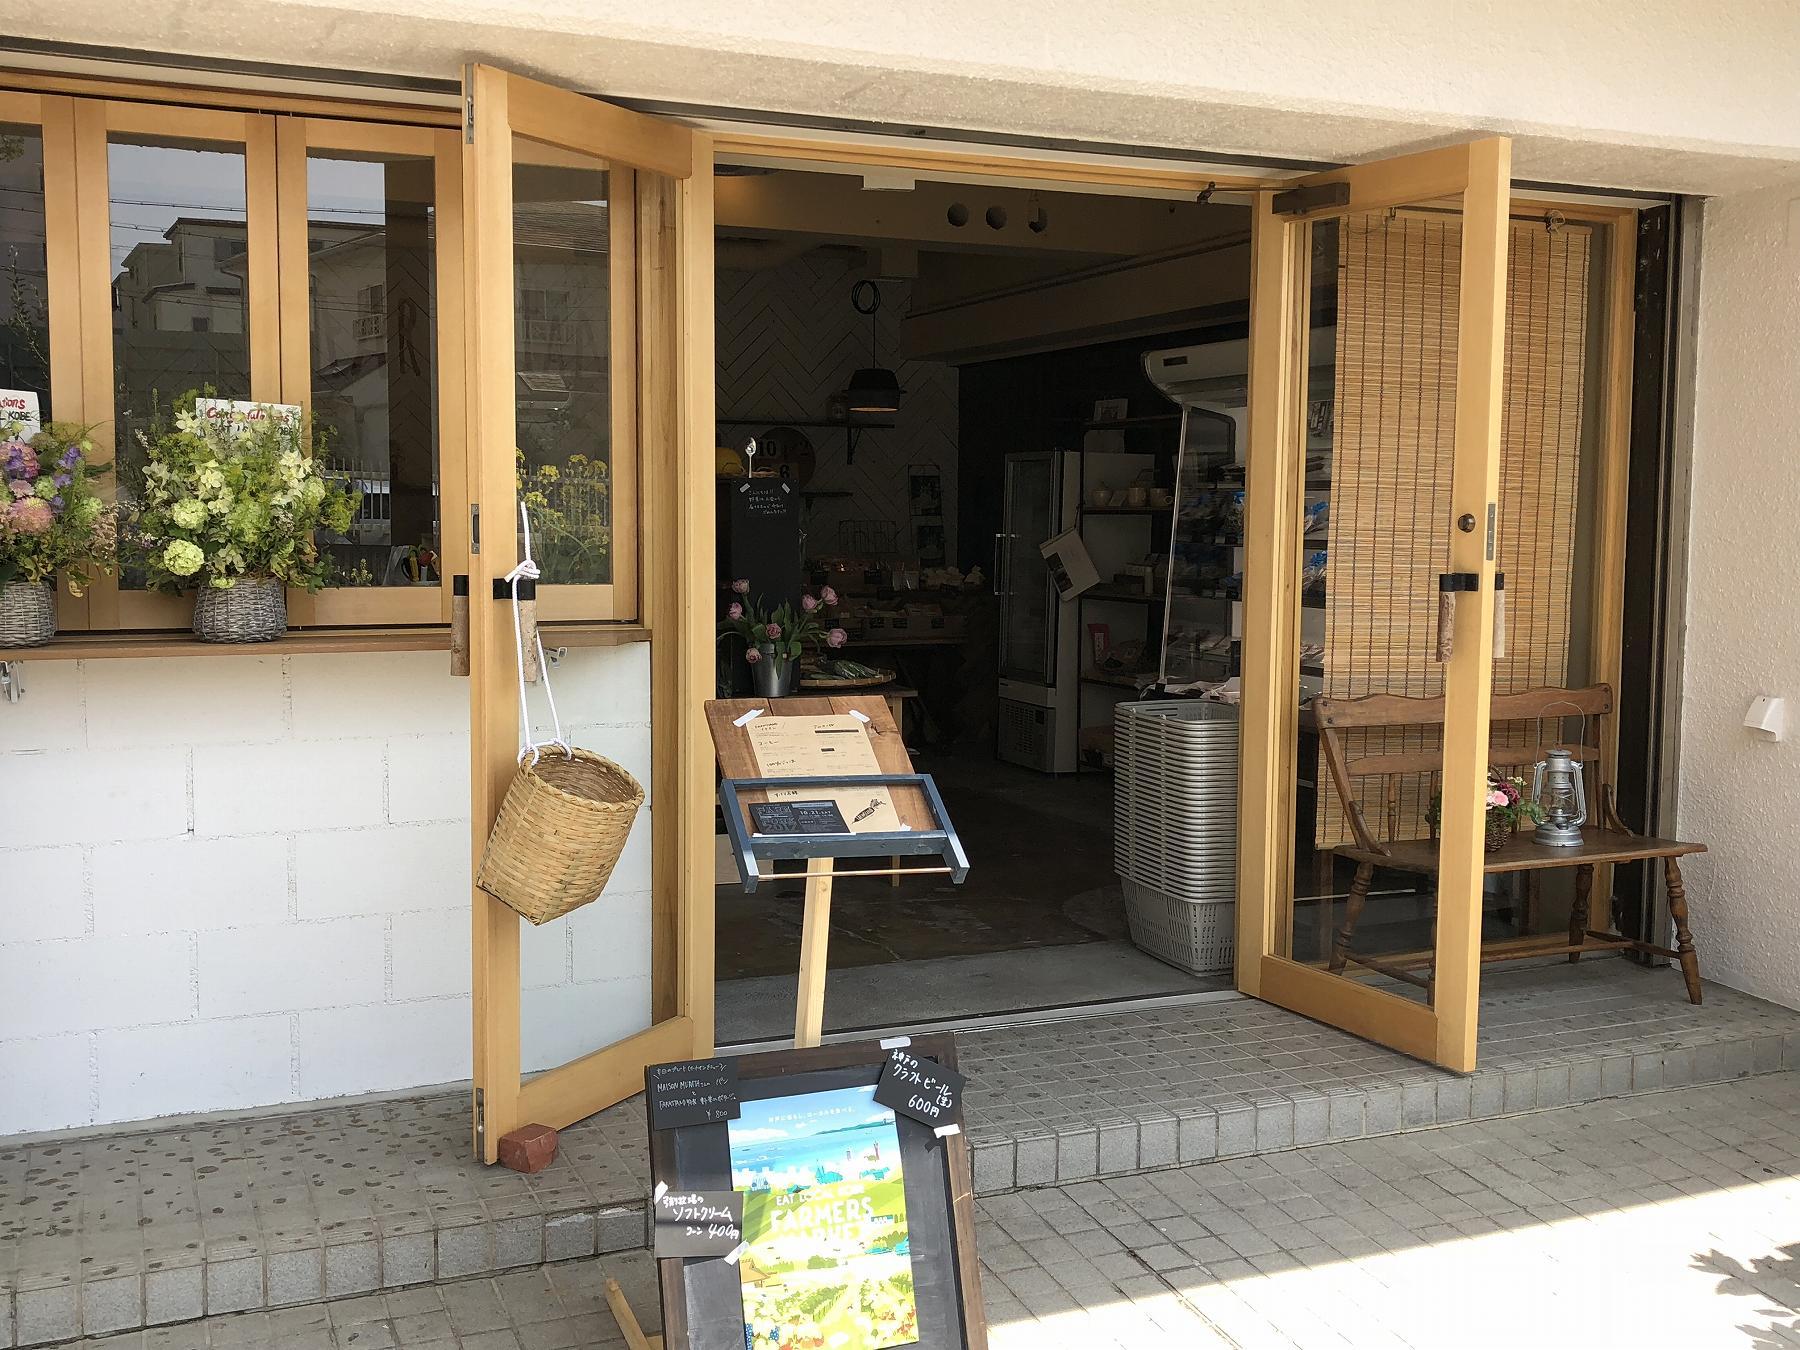 神戸の農産物が楽しめる常設ショップ「ファームスタンド」が北野坂にオープン!早速立ち寄ってみた! #イートローカル神戸 #ファームスタンド #神戸北野坂 #新規オープン #地産地消